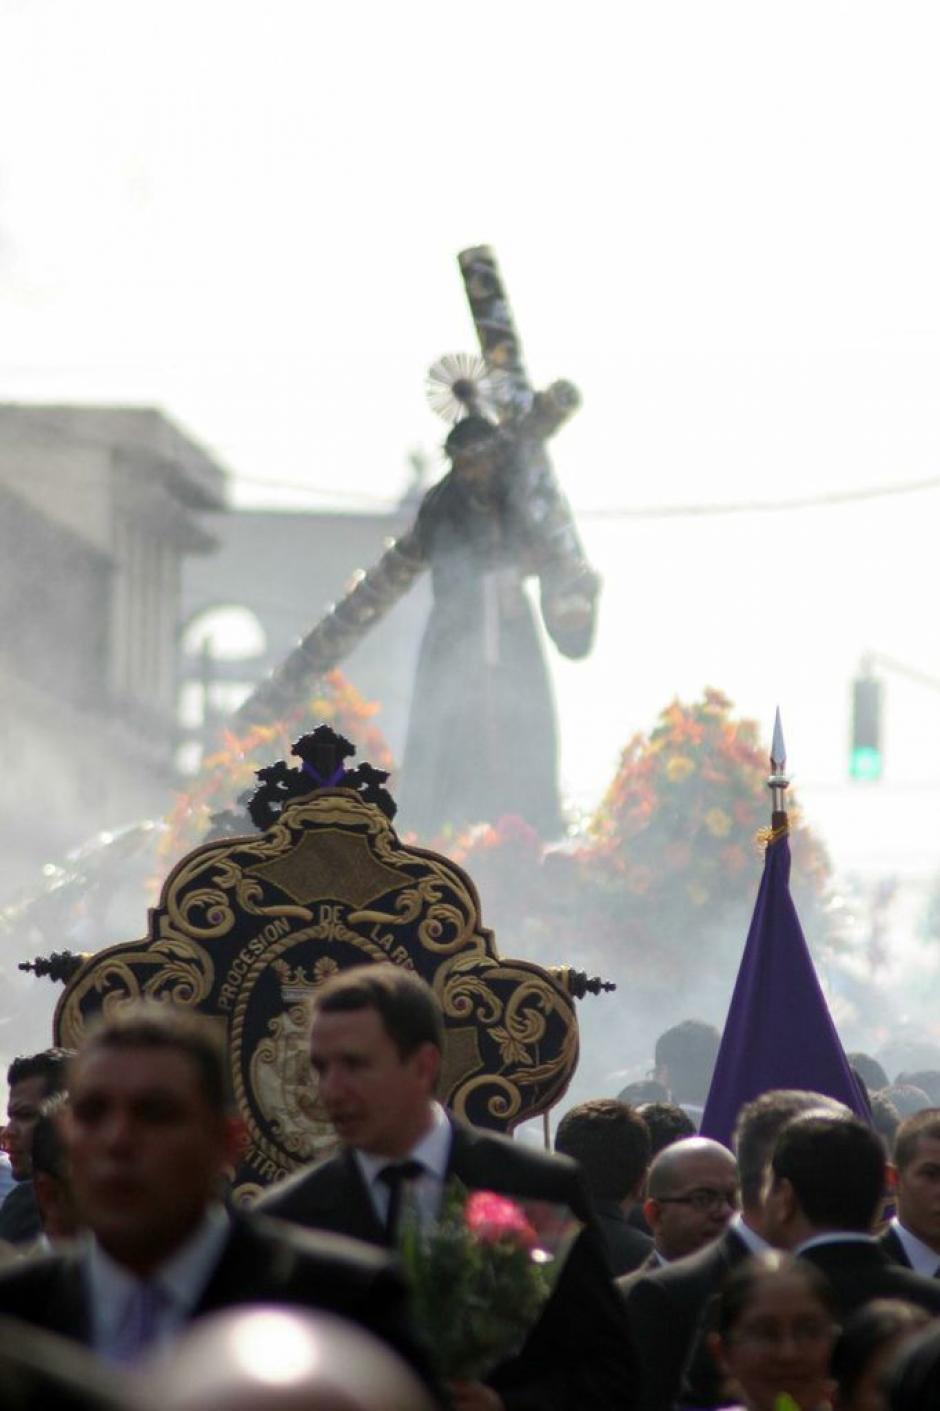 La imagen del Cristo de la Merced avanza entre incienso por el Centro Histórico en Semana Santa. (Foto: Raúl Illescas).